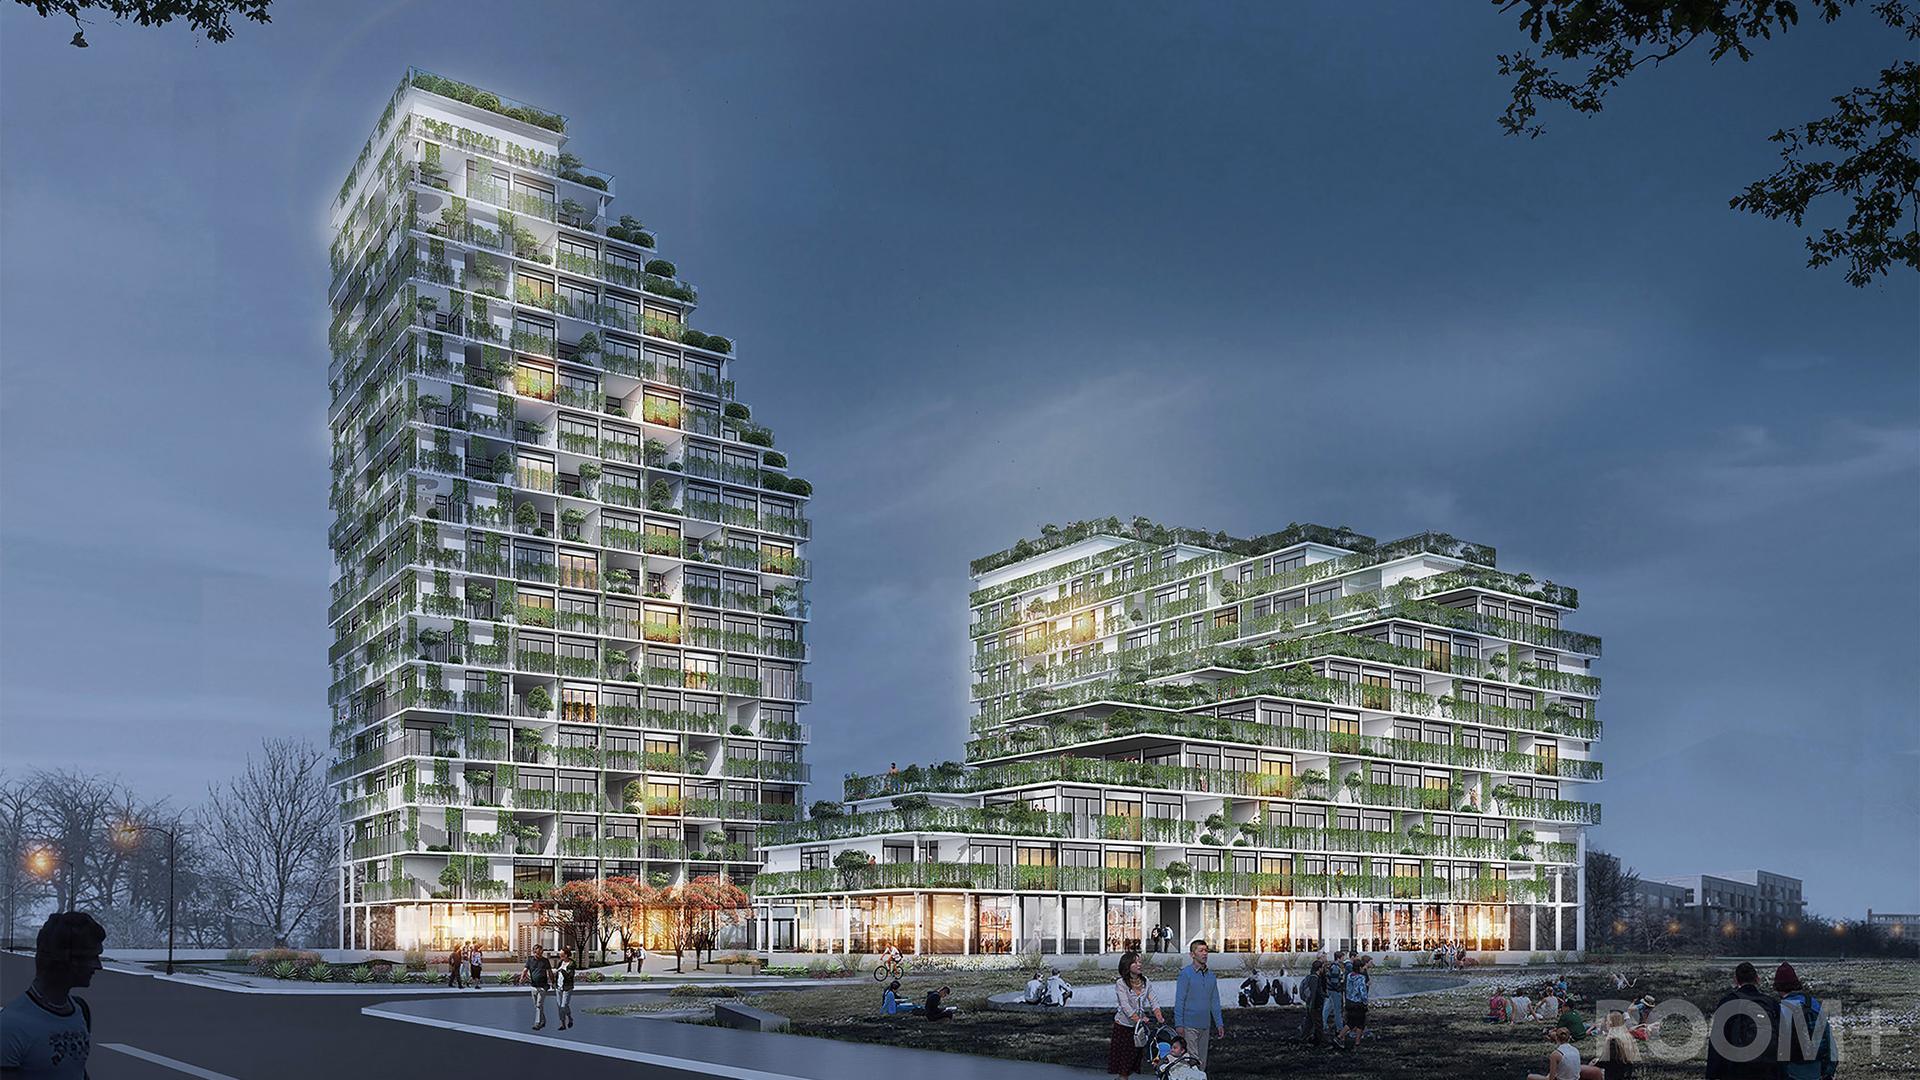 The Nest Modular Housing